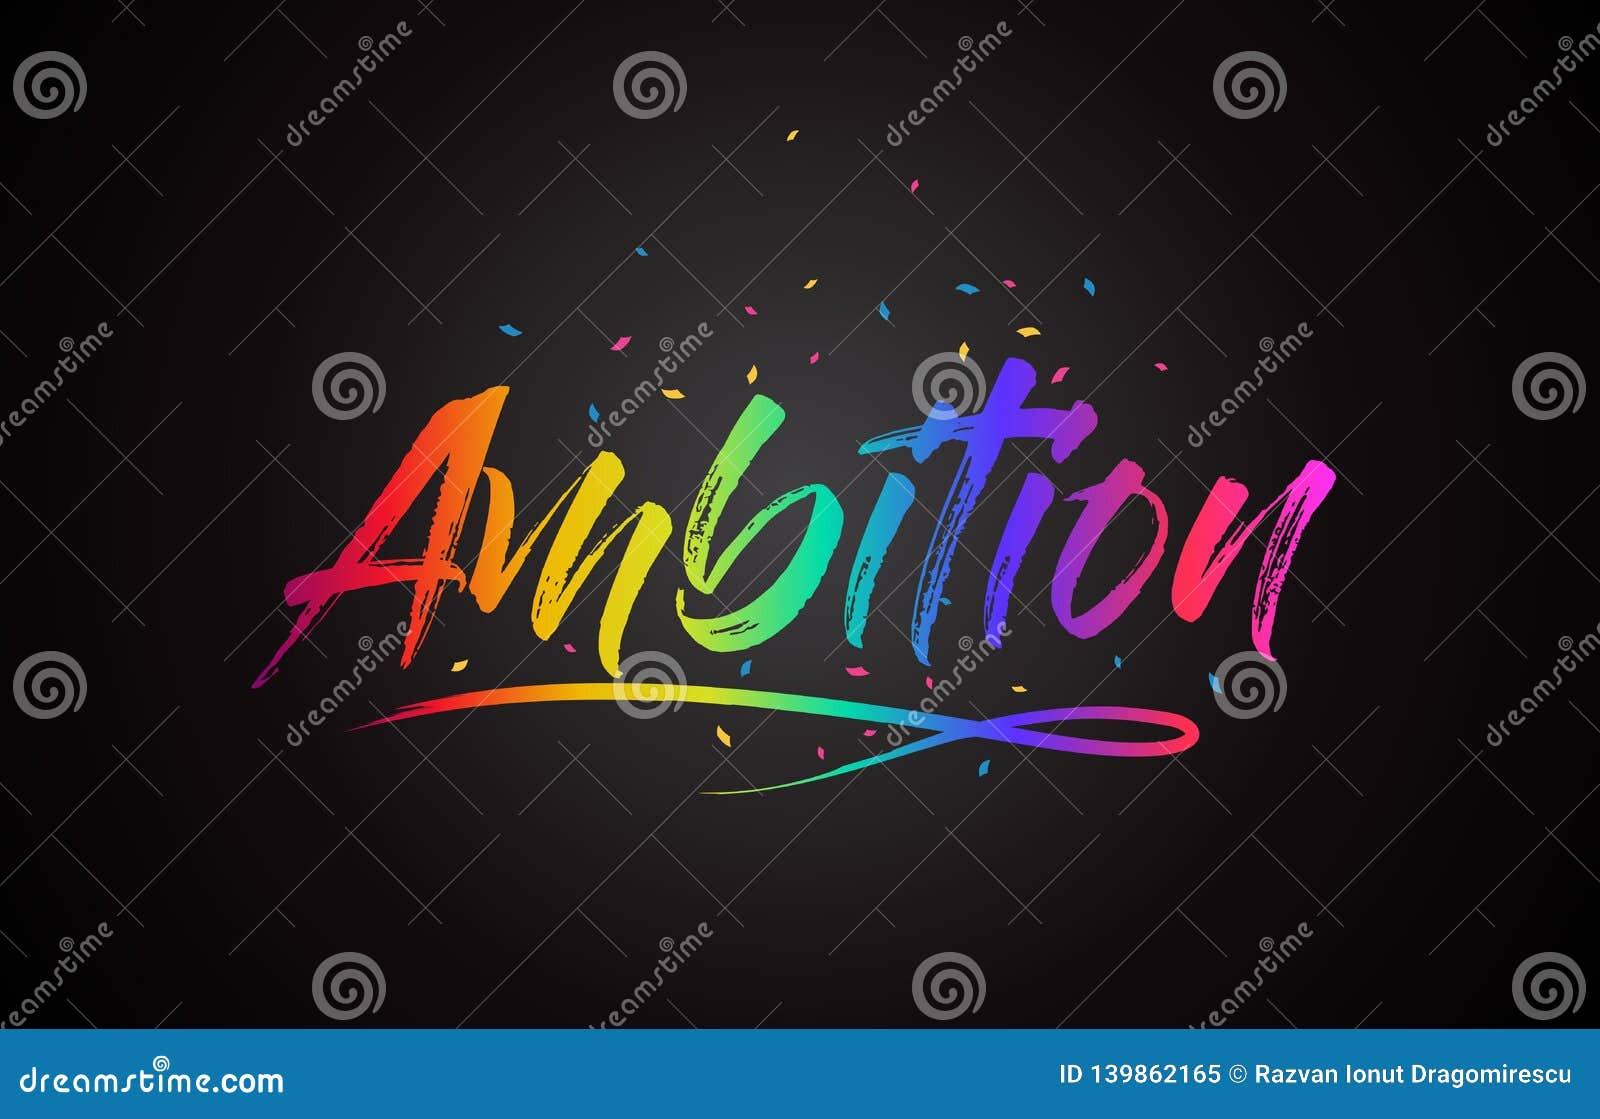 Ehrgeiz-Wort-Text mit handgeschriebener Regenbogen-vibrierenden Farben und Konfettis